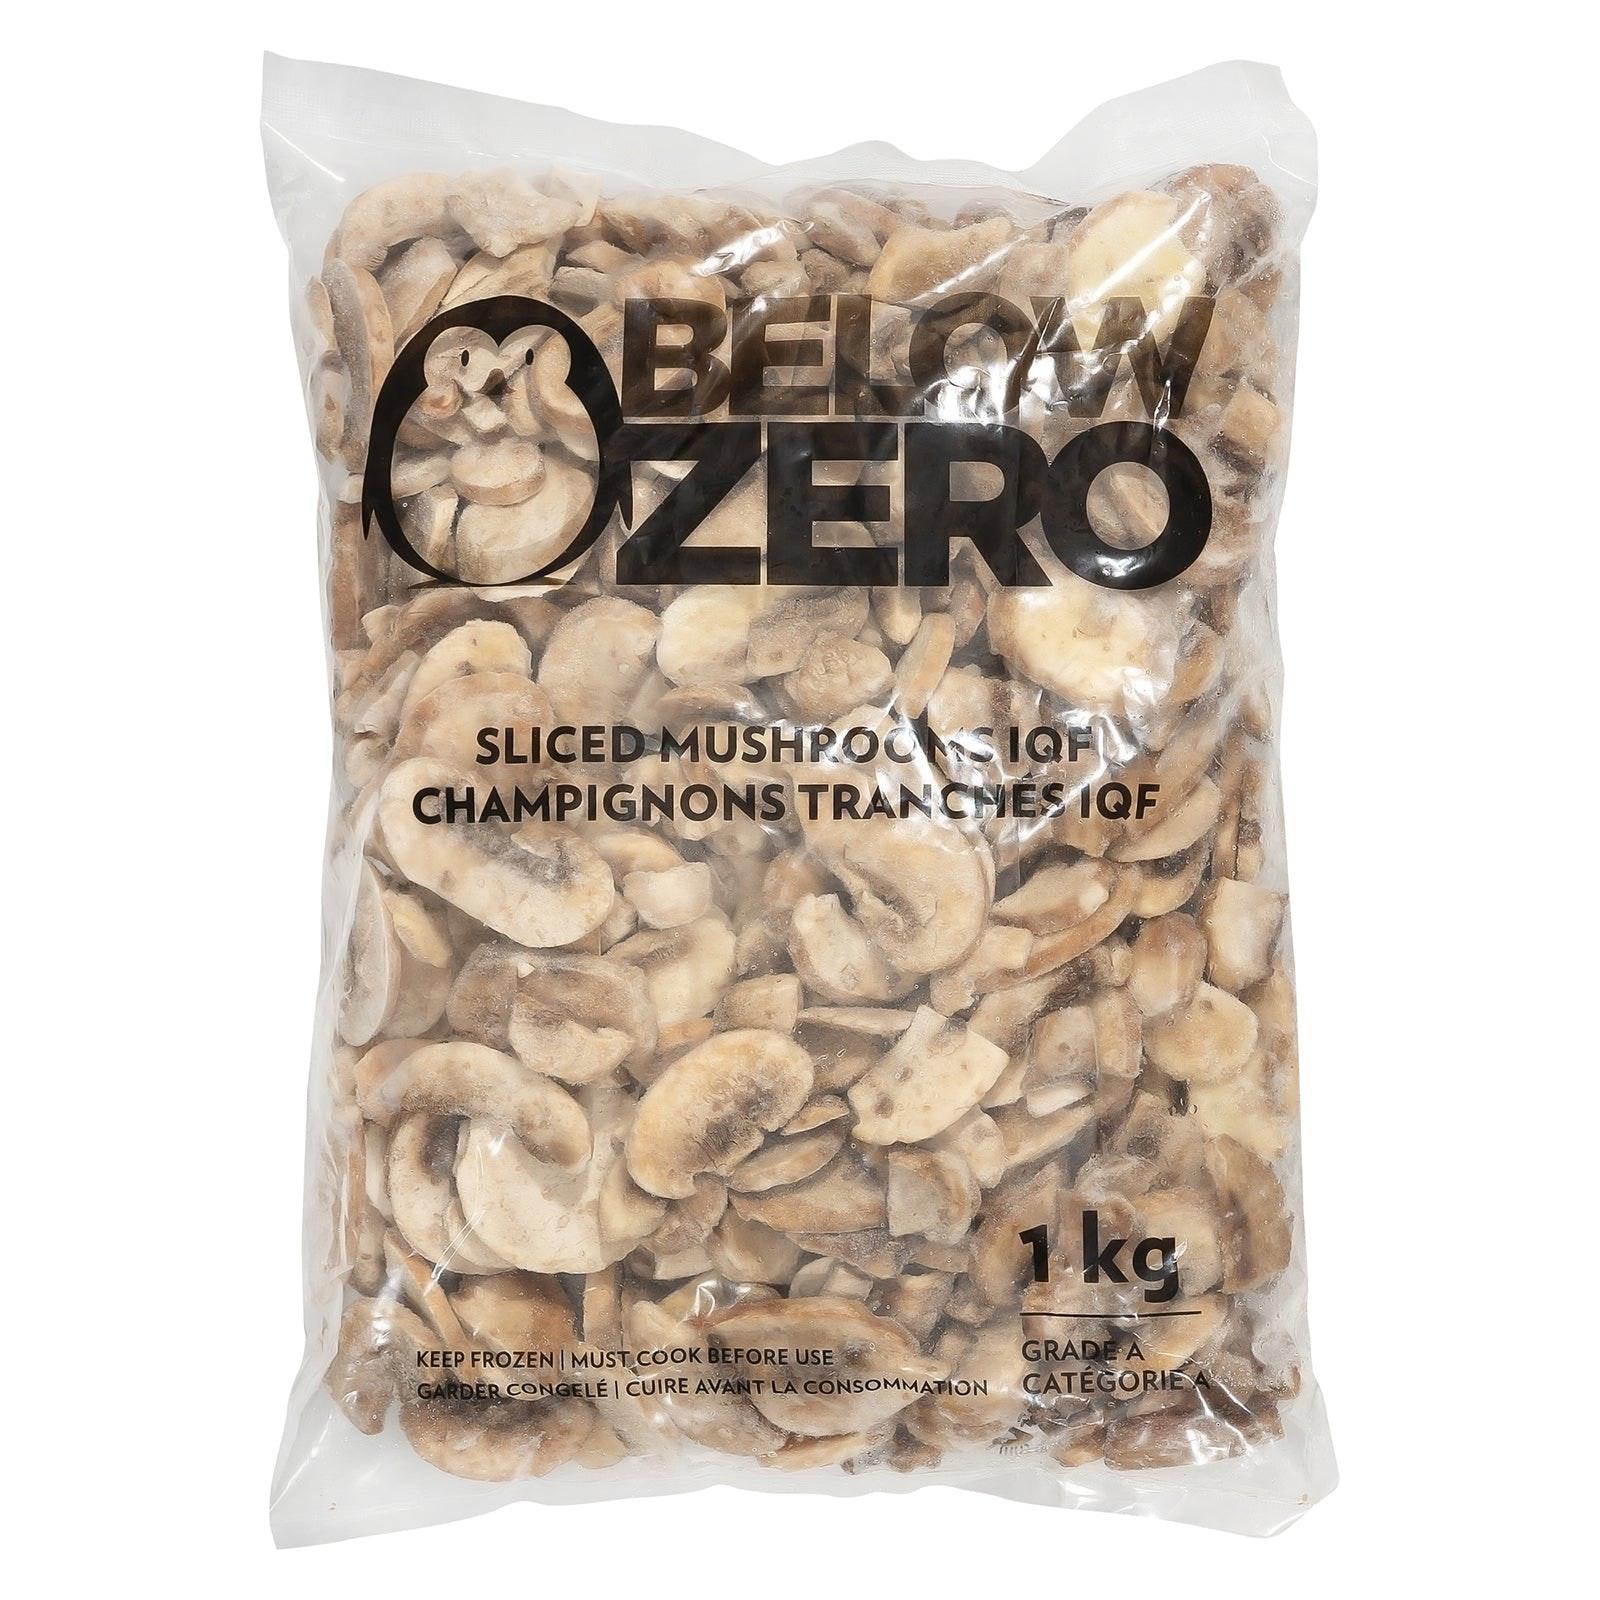 BELOW ZERO Sliced mushrooms